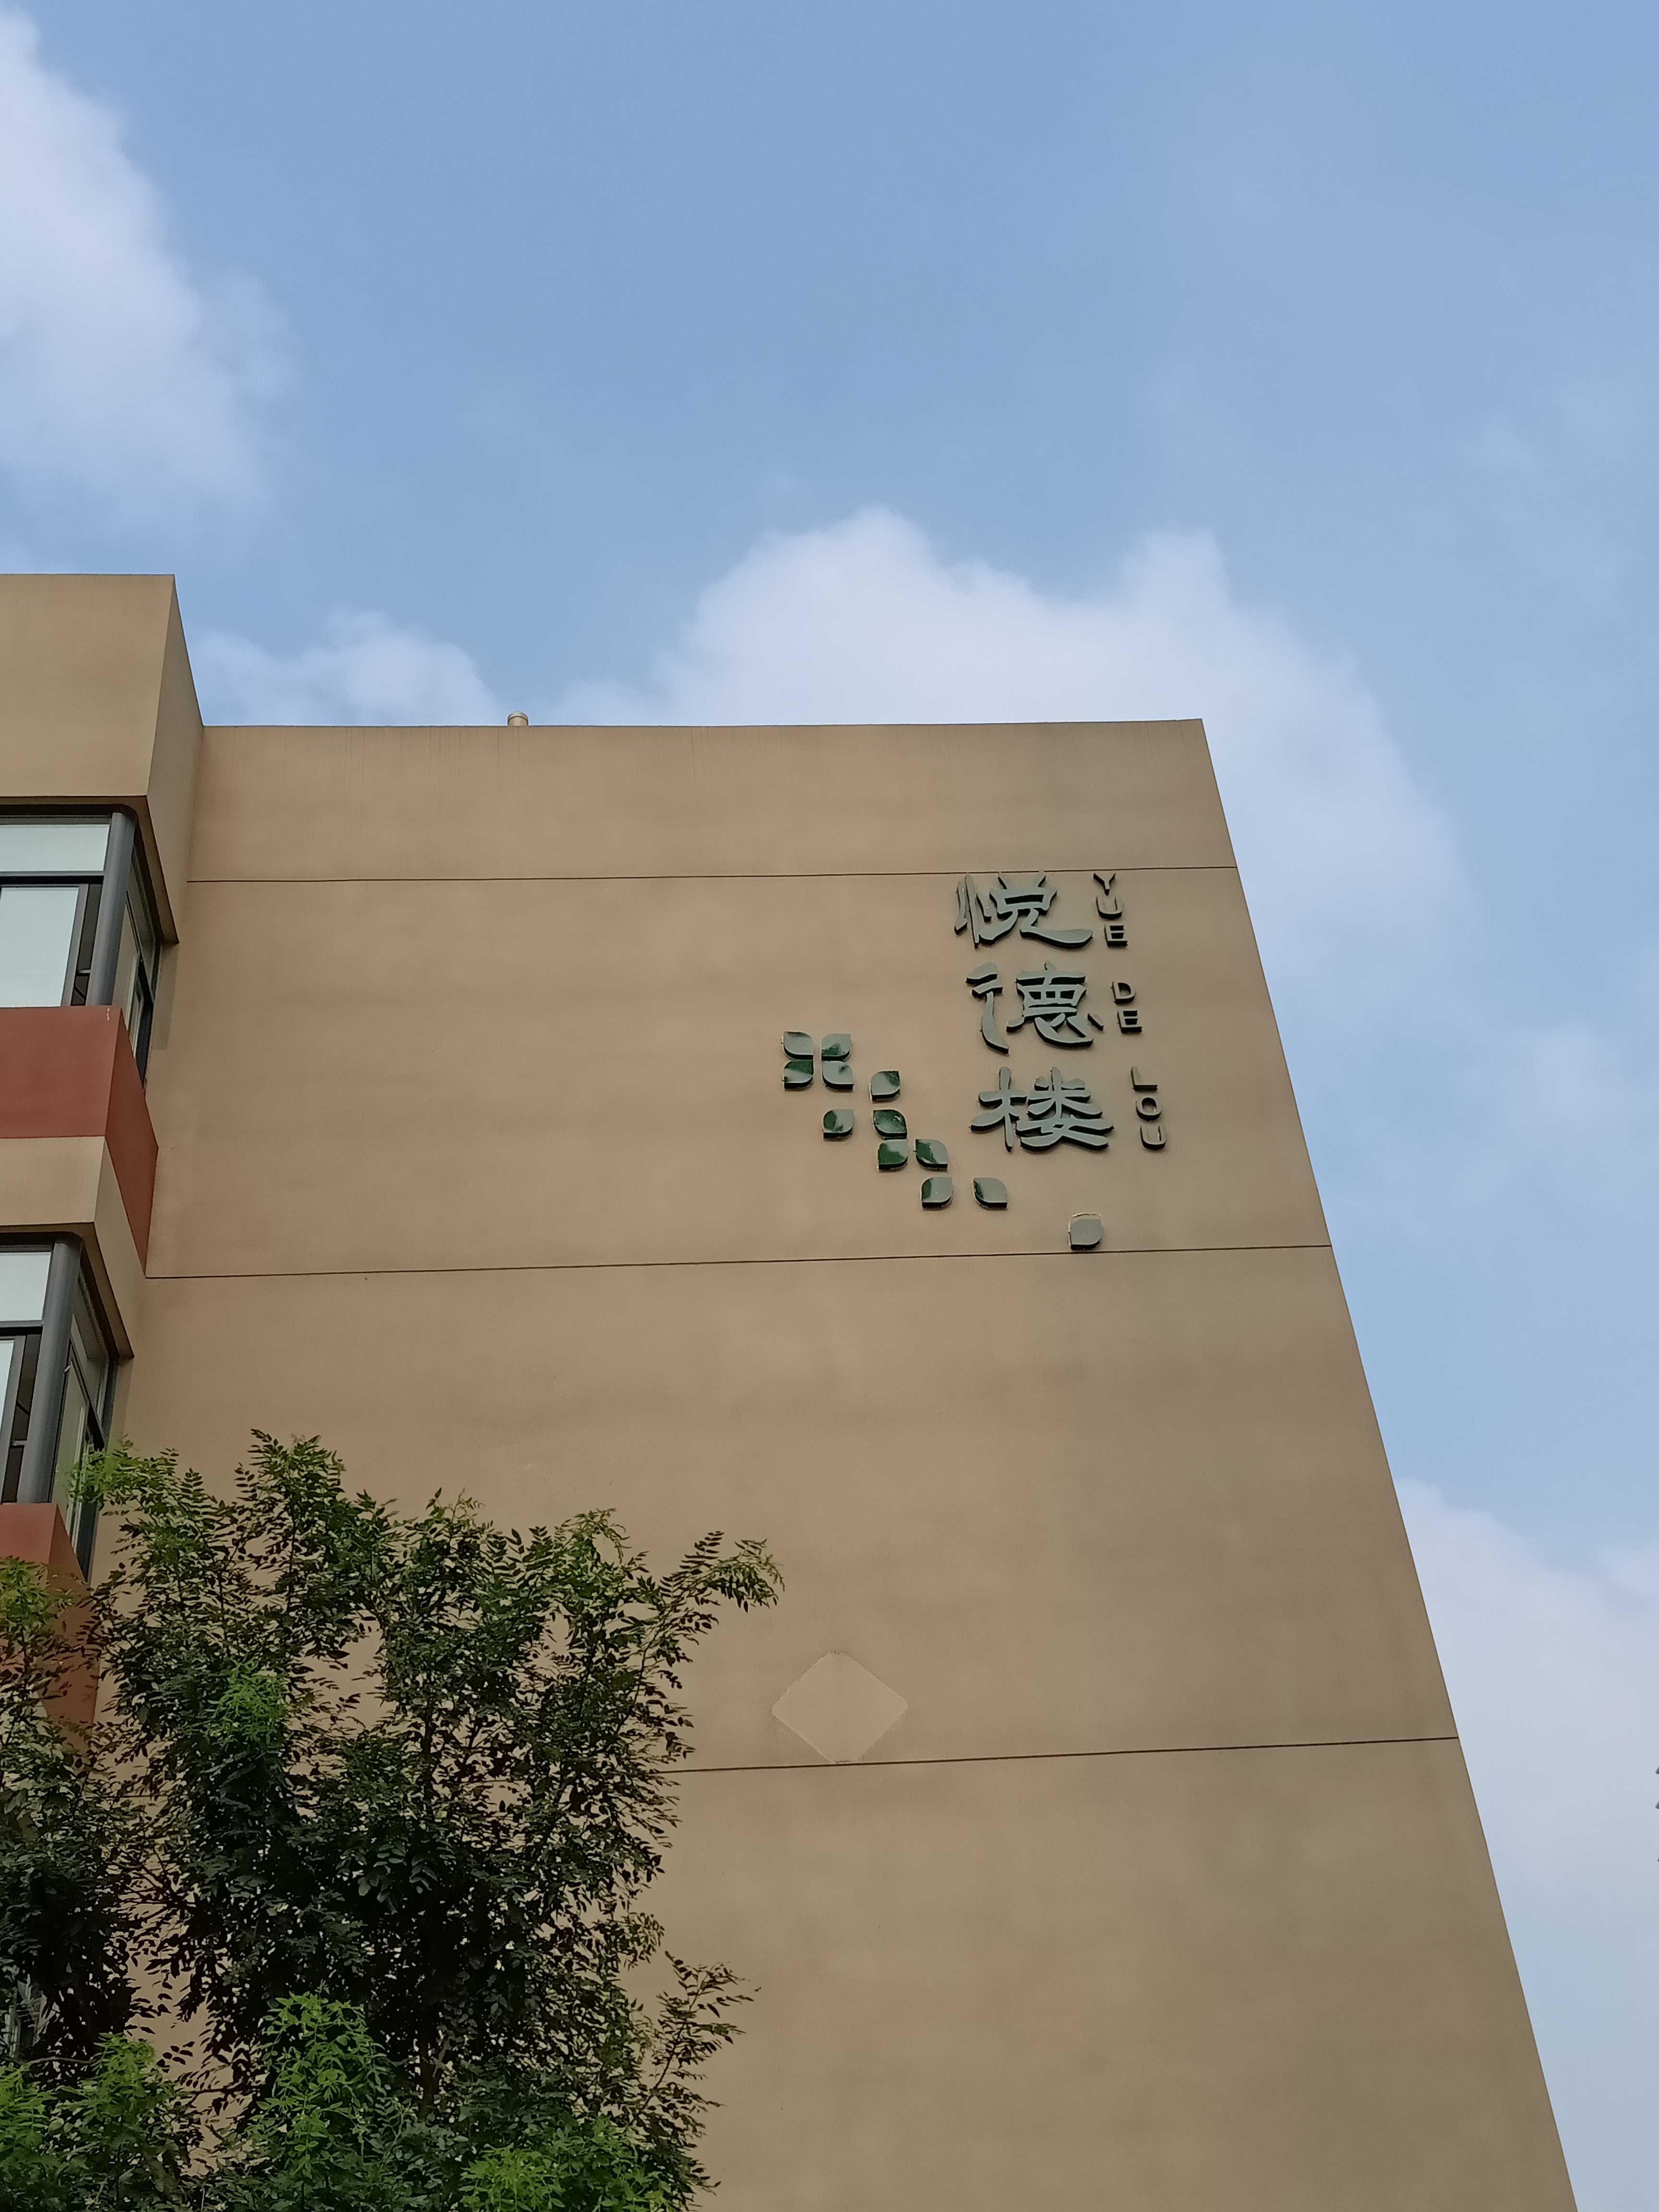 学校字-e92316d99a1c643b997443f5dc57f56